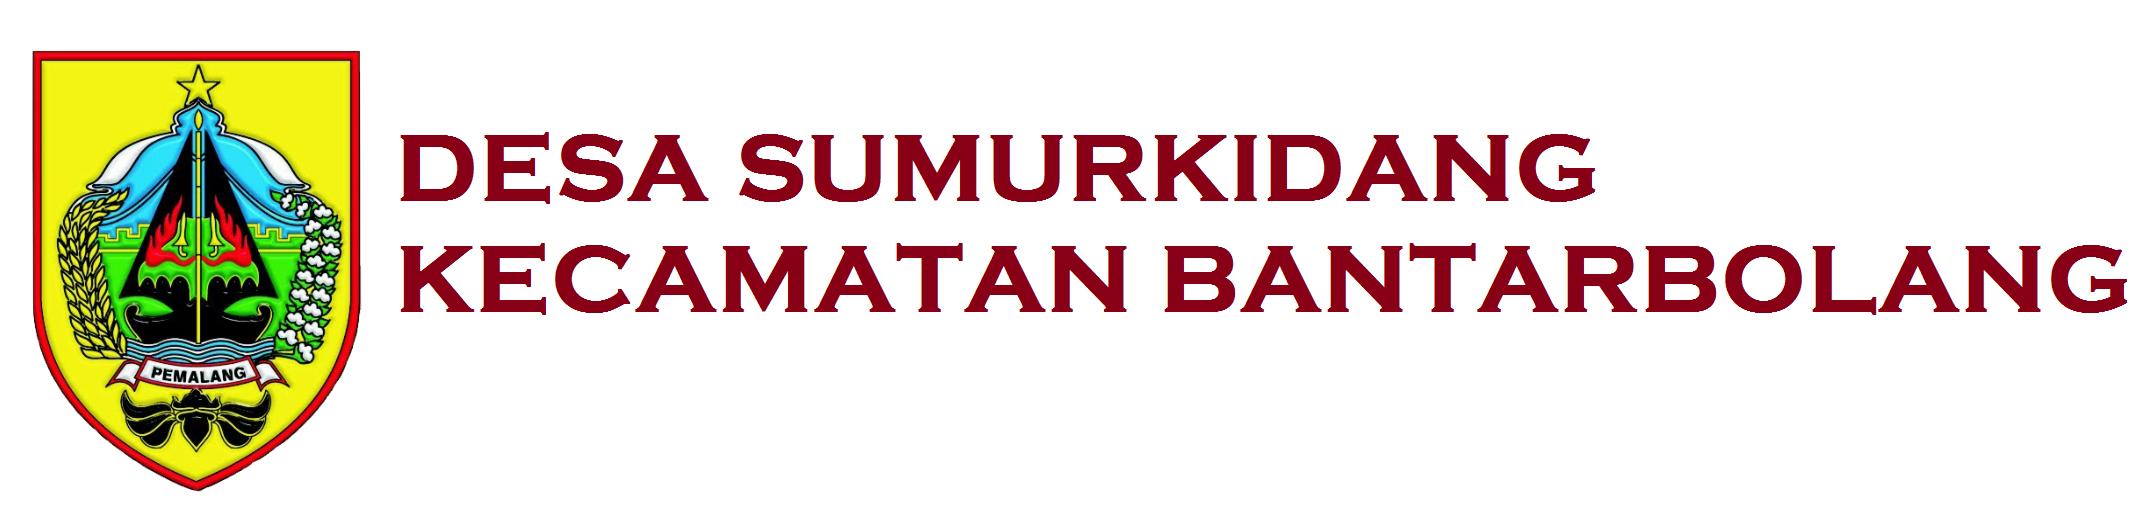 logo-sumurkidang